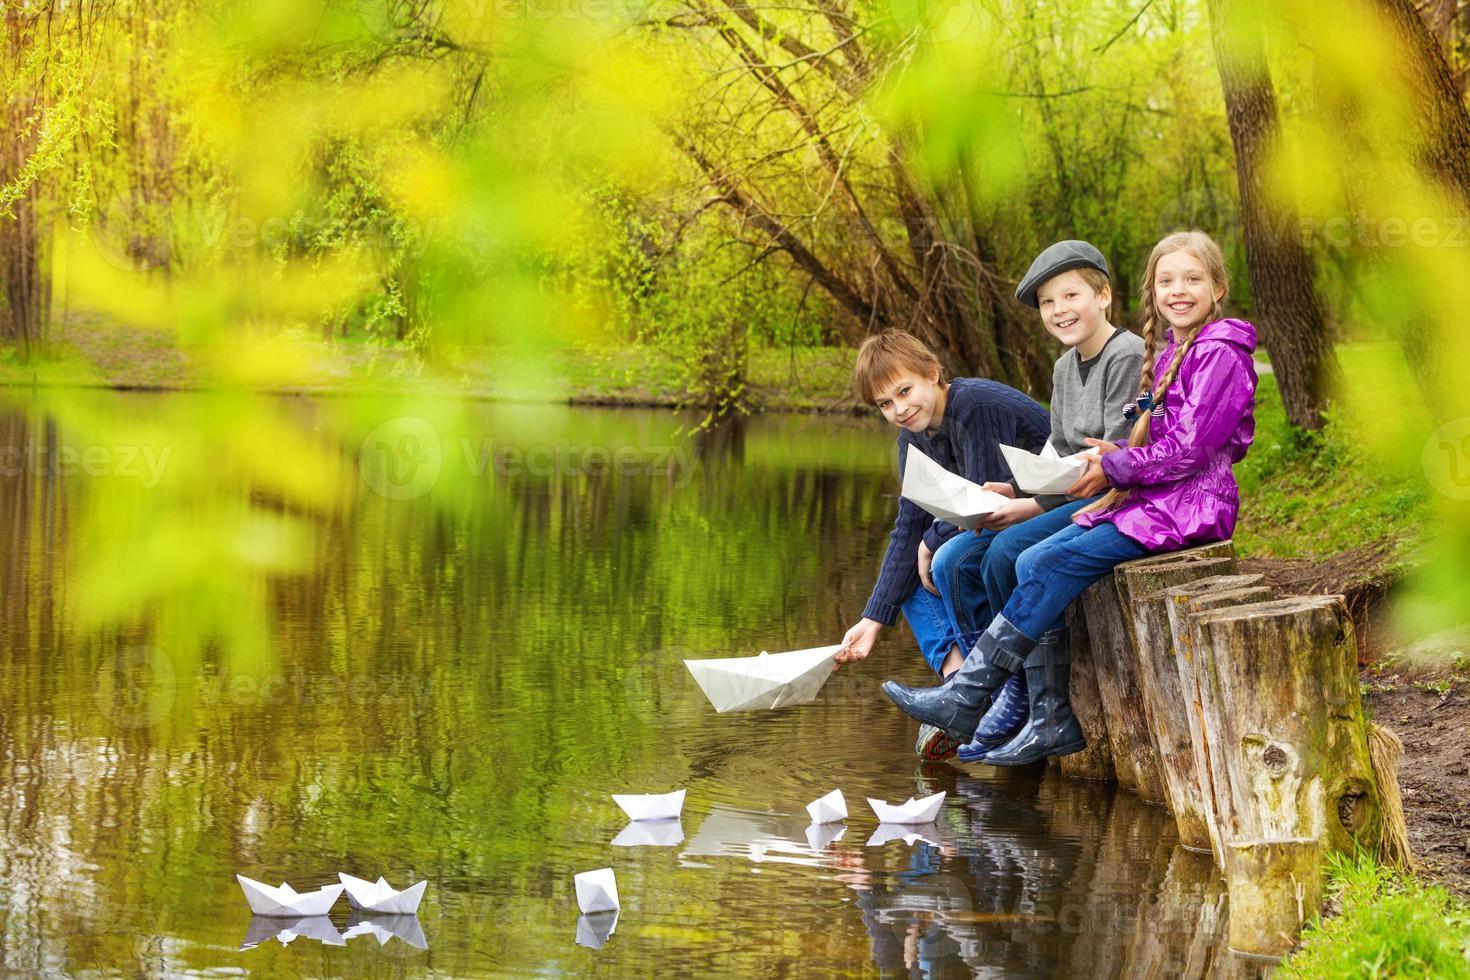 gli amici sorridenti si siedono mettendo le barche di carta sullo stagno foto